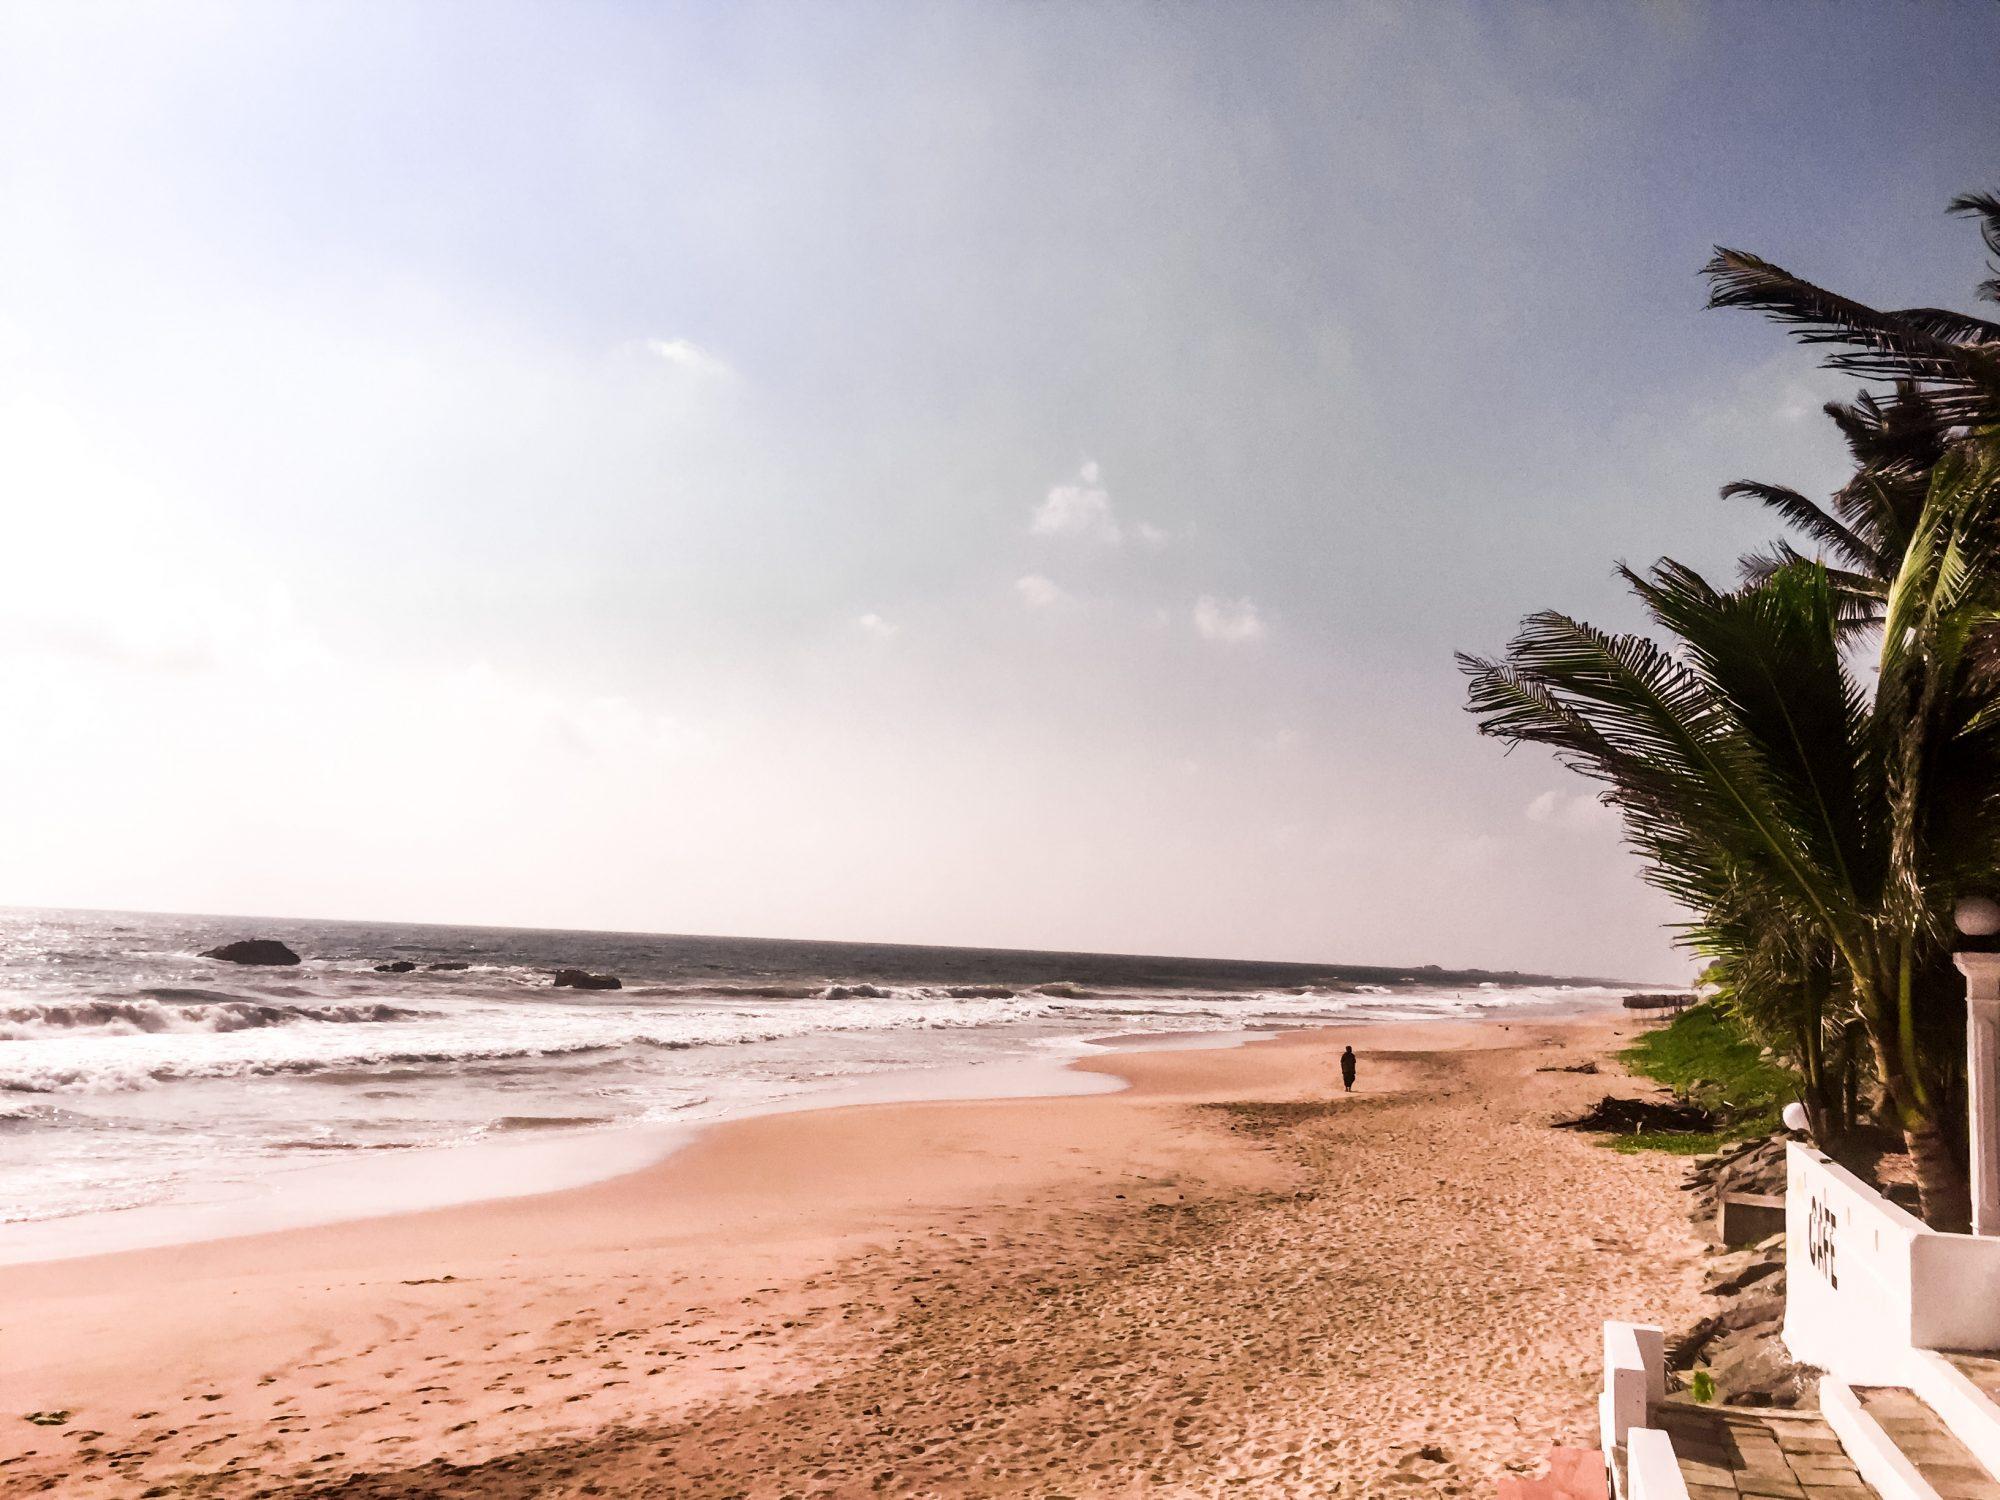 Sri Lanka Beach Hikkaduwa Lifestylecircus